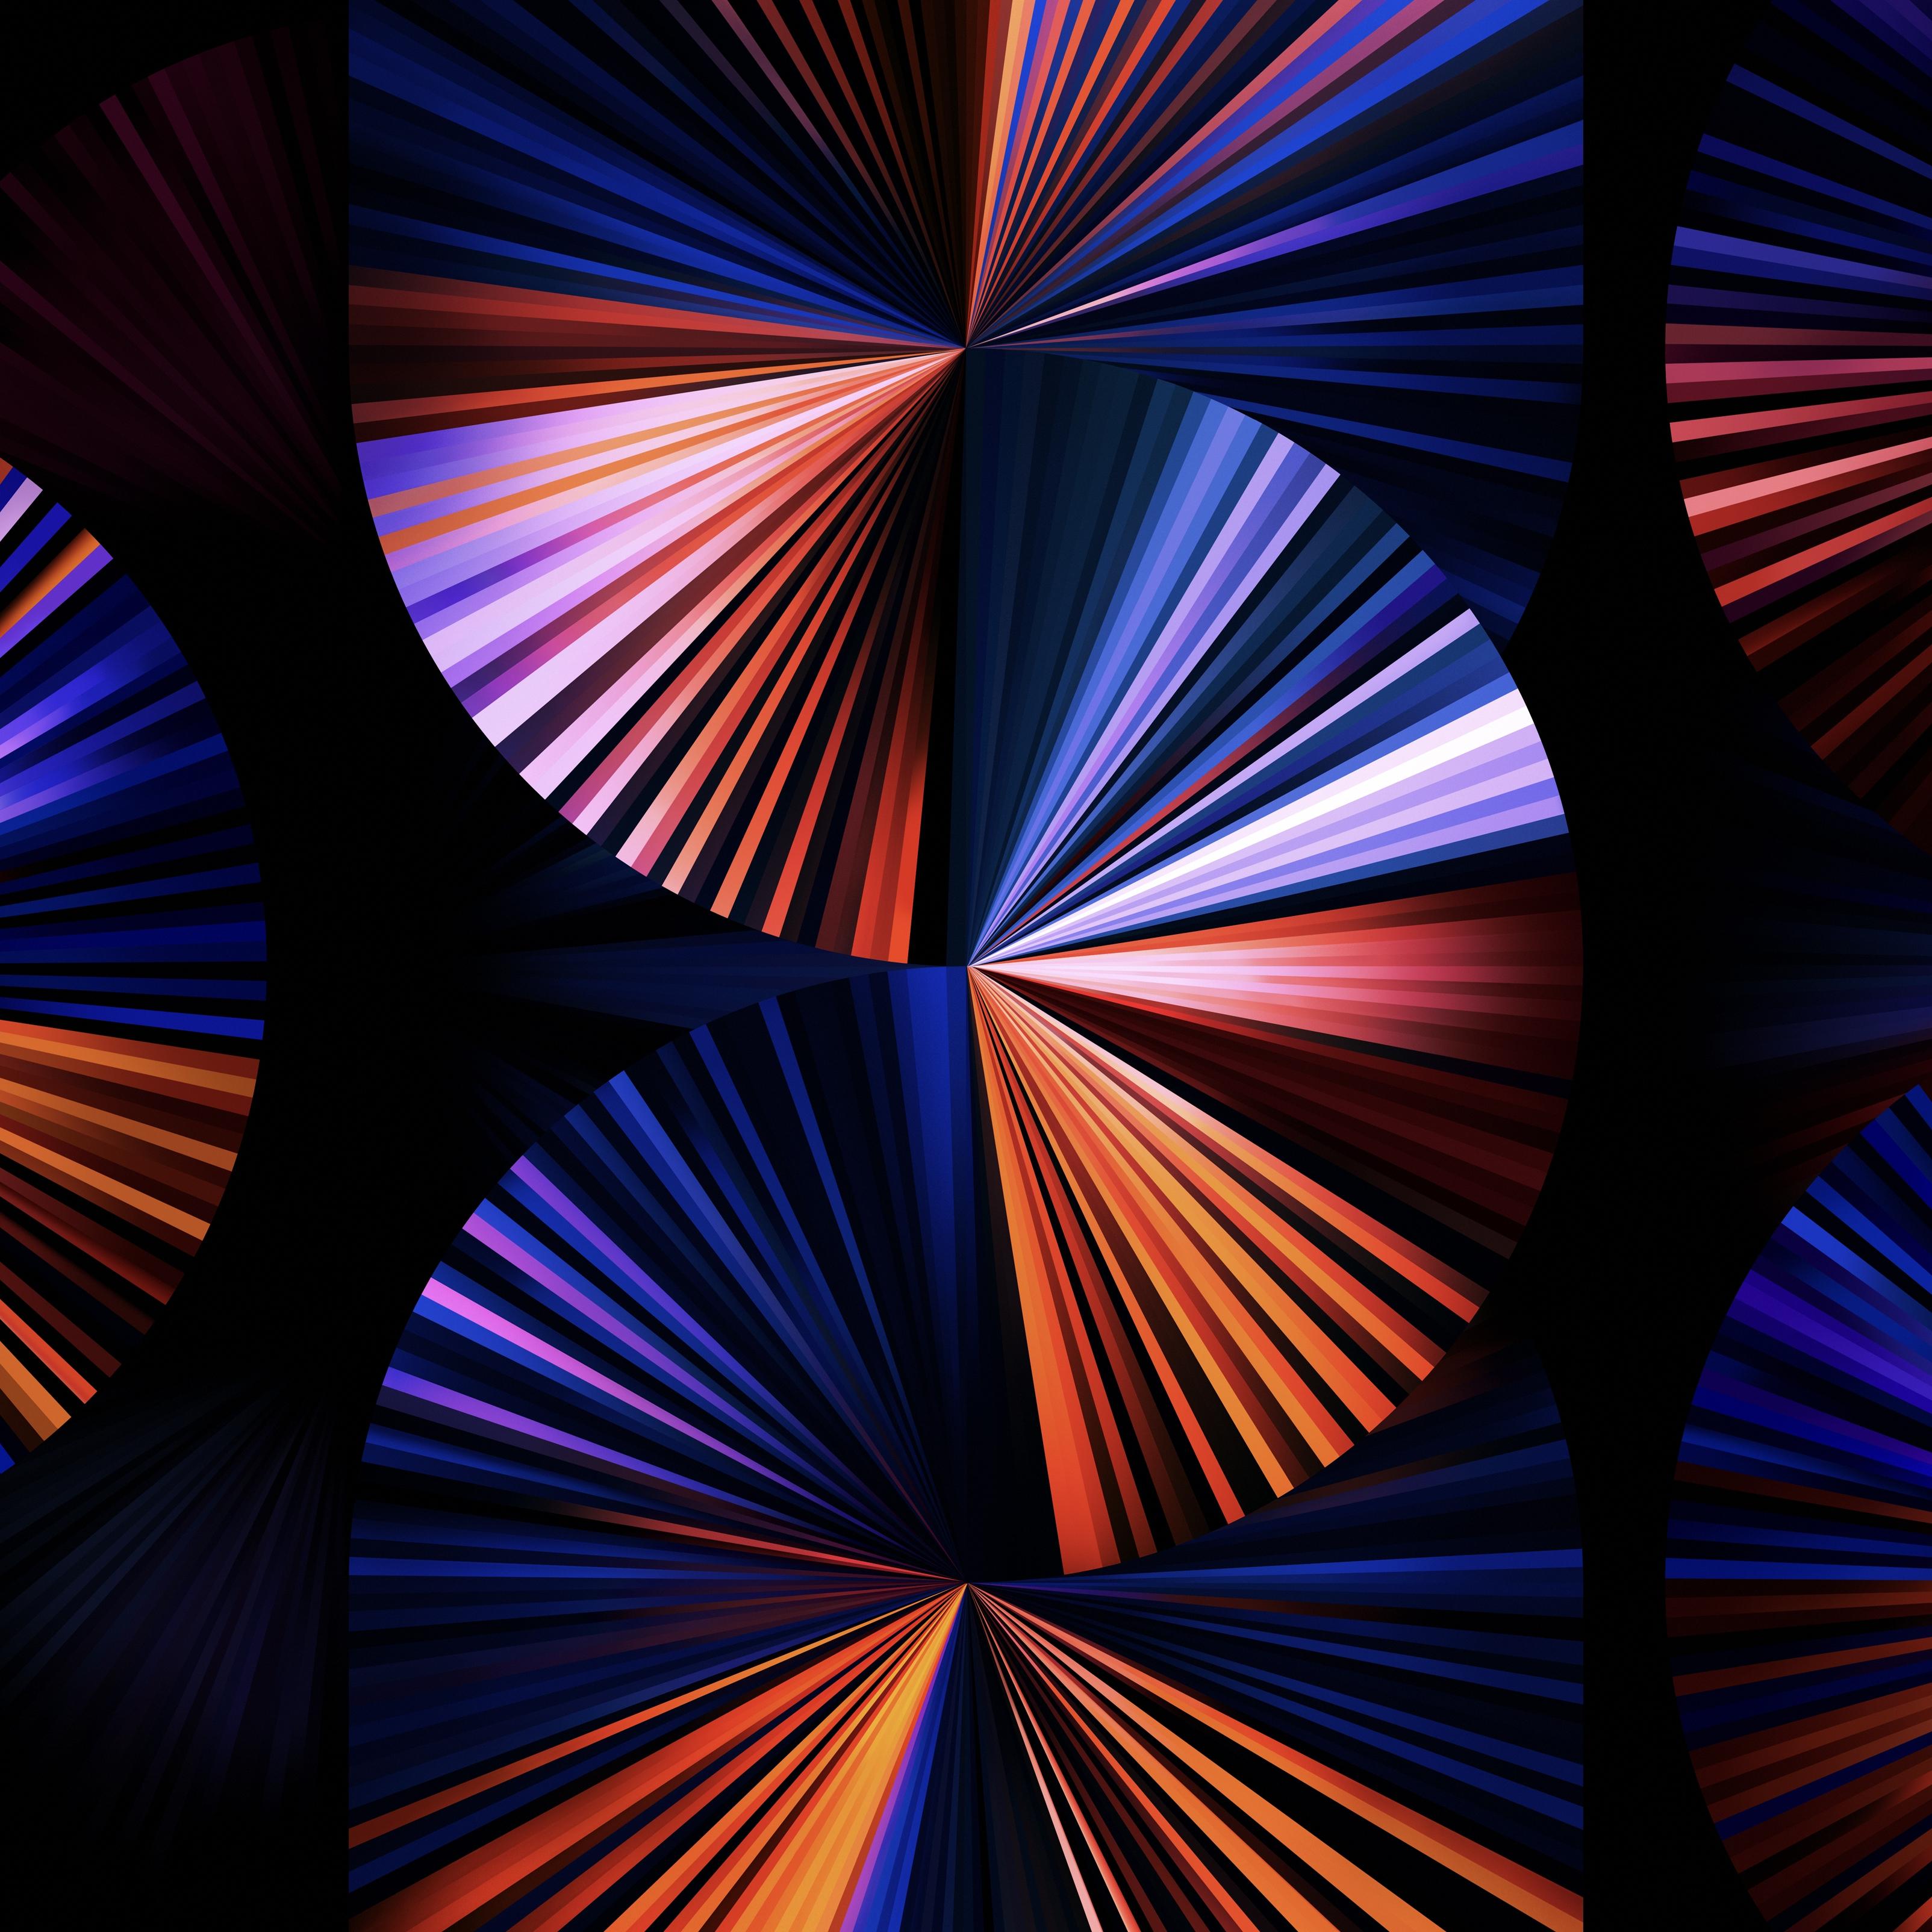 Wallpaper Dark Purple Fan Wallpaper For Ipad Pro 12 9 Background Download Free Image